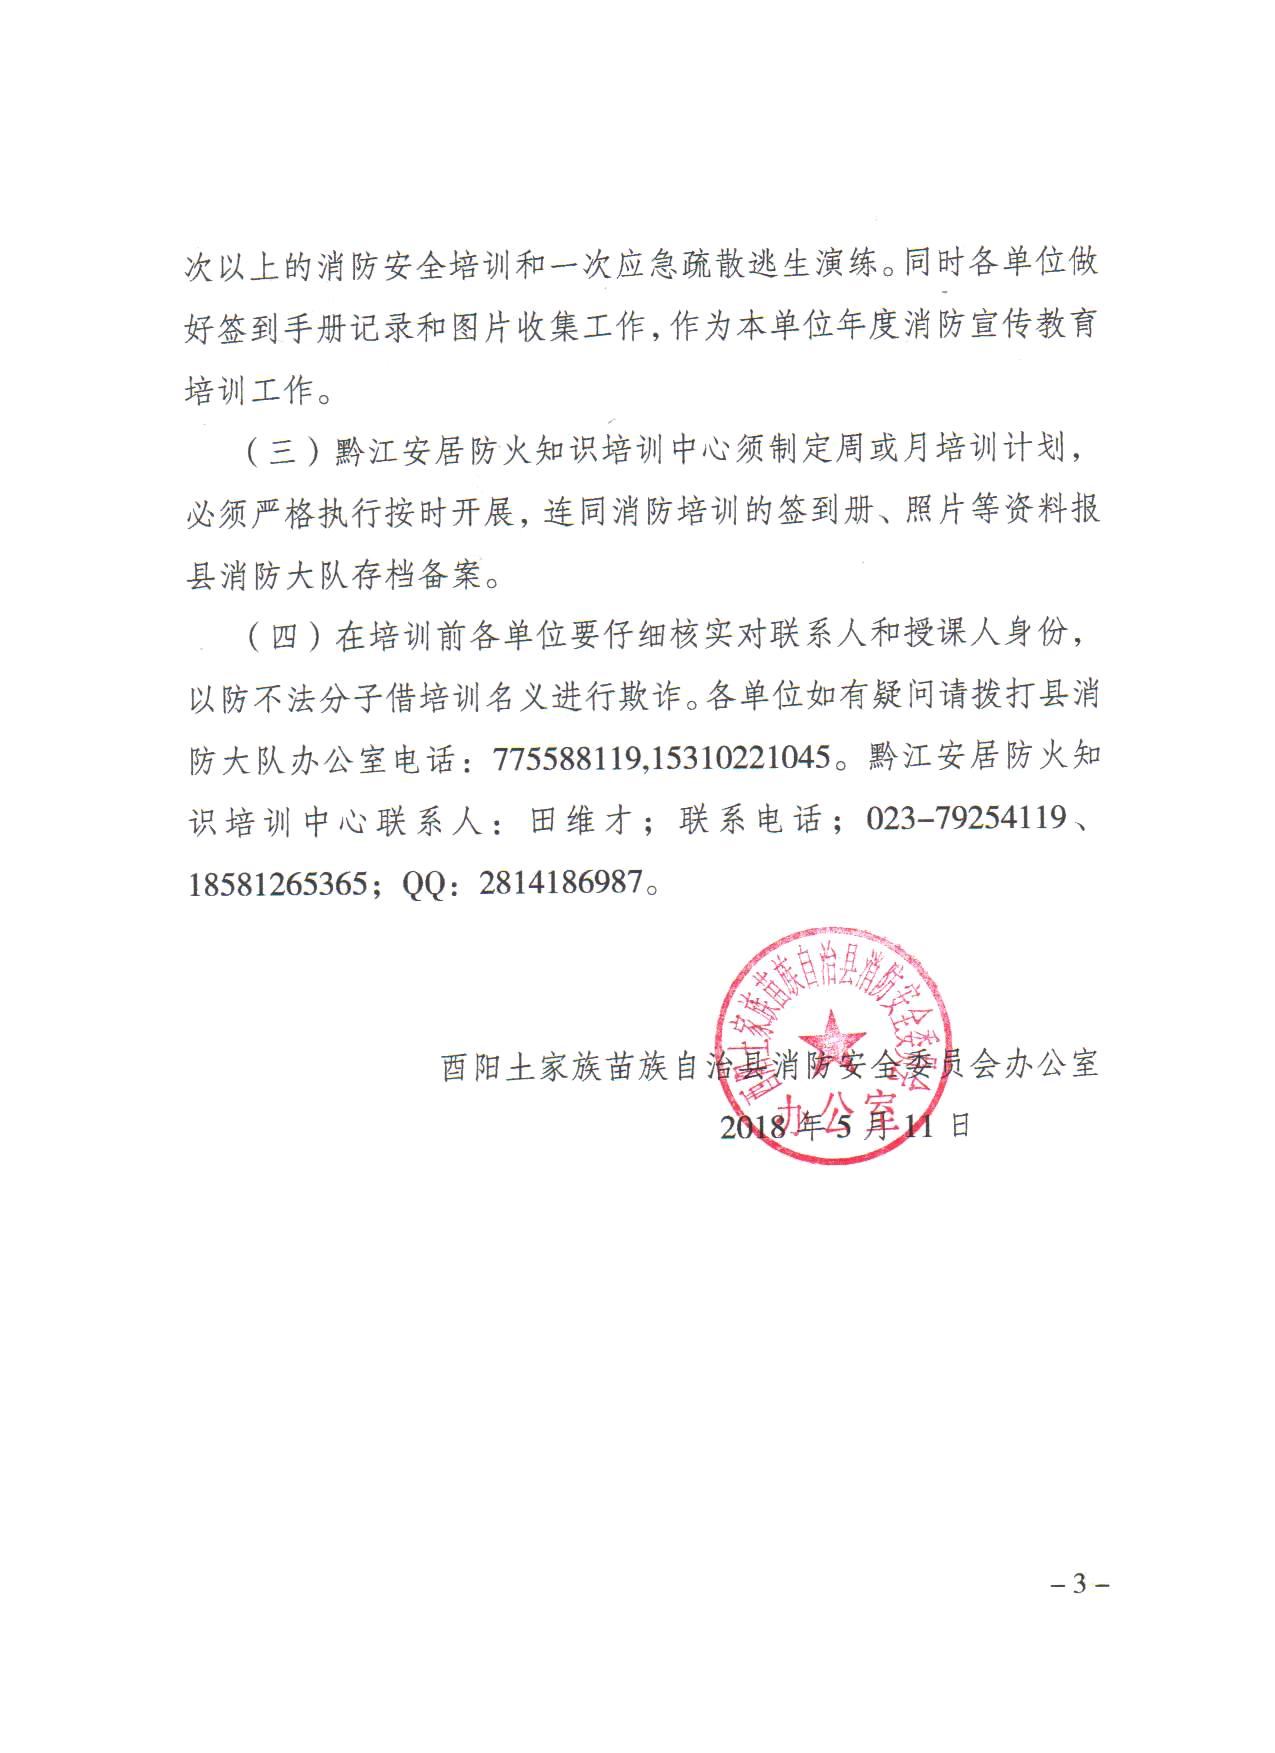 酉阳土家族苗族自治县消防安全委员会